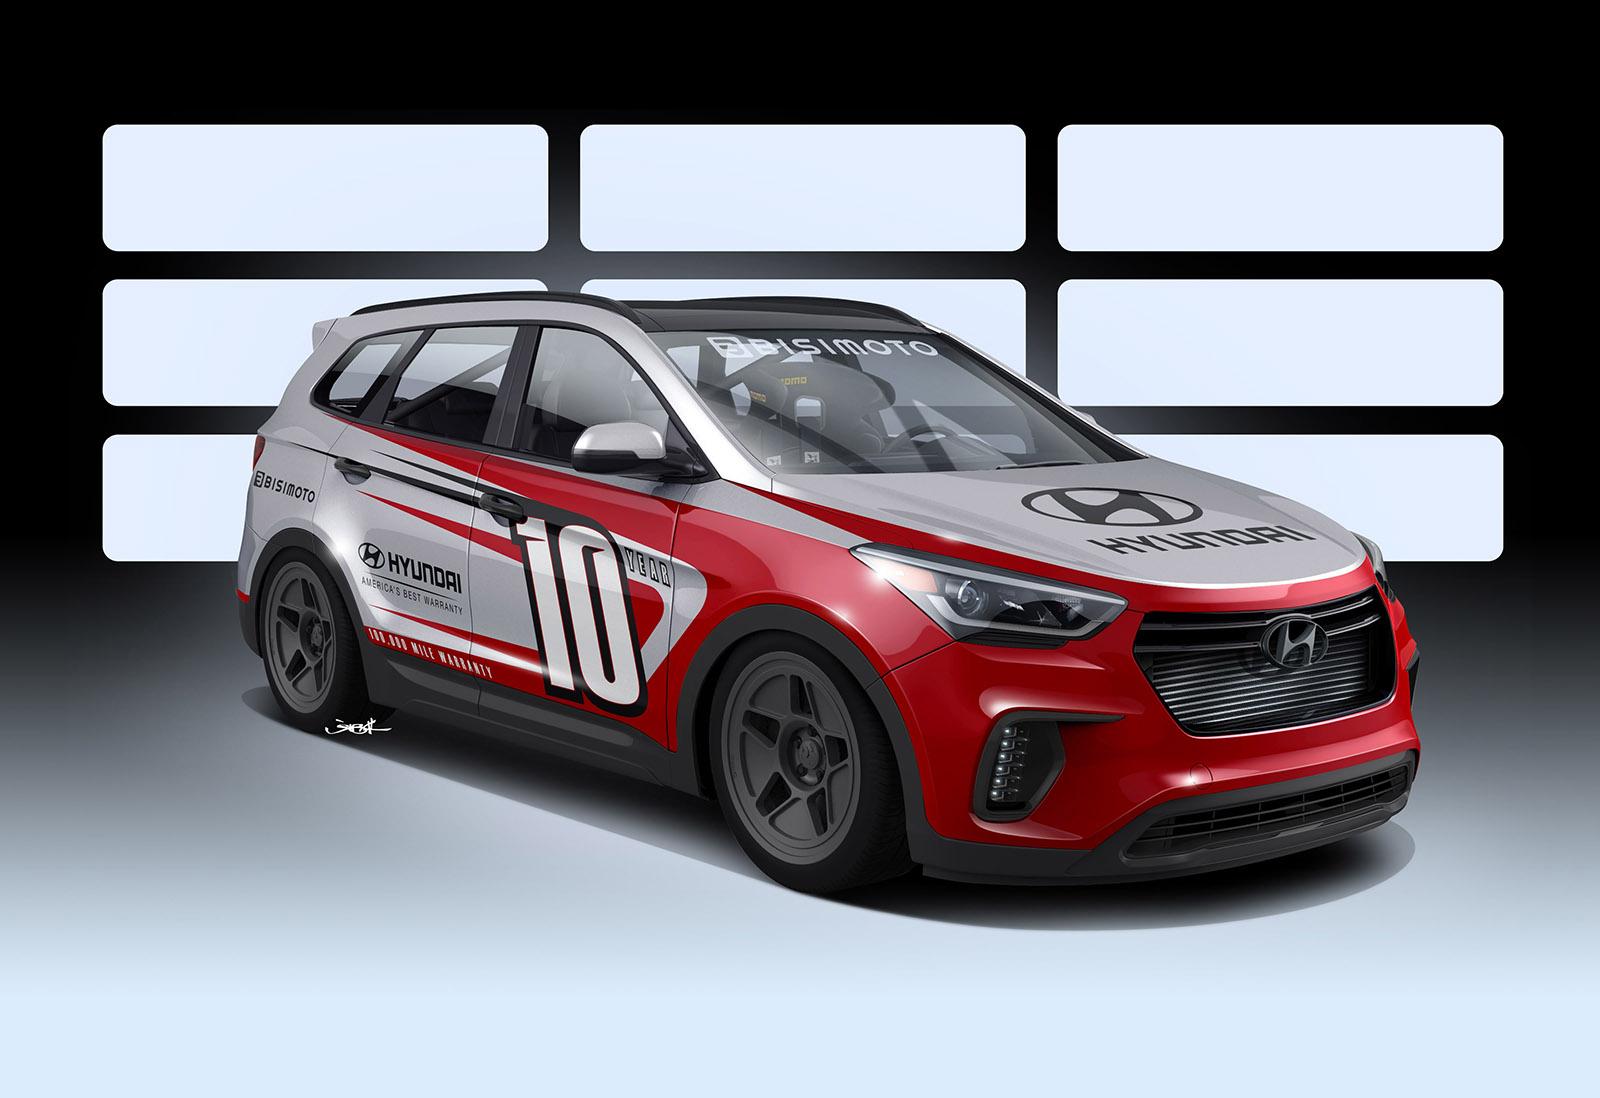 Rwd Hyundai Santa Fe With A 1 040 Hp Twin Turbo V6